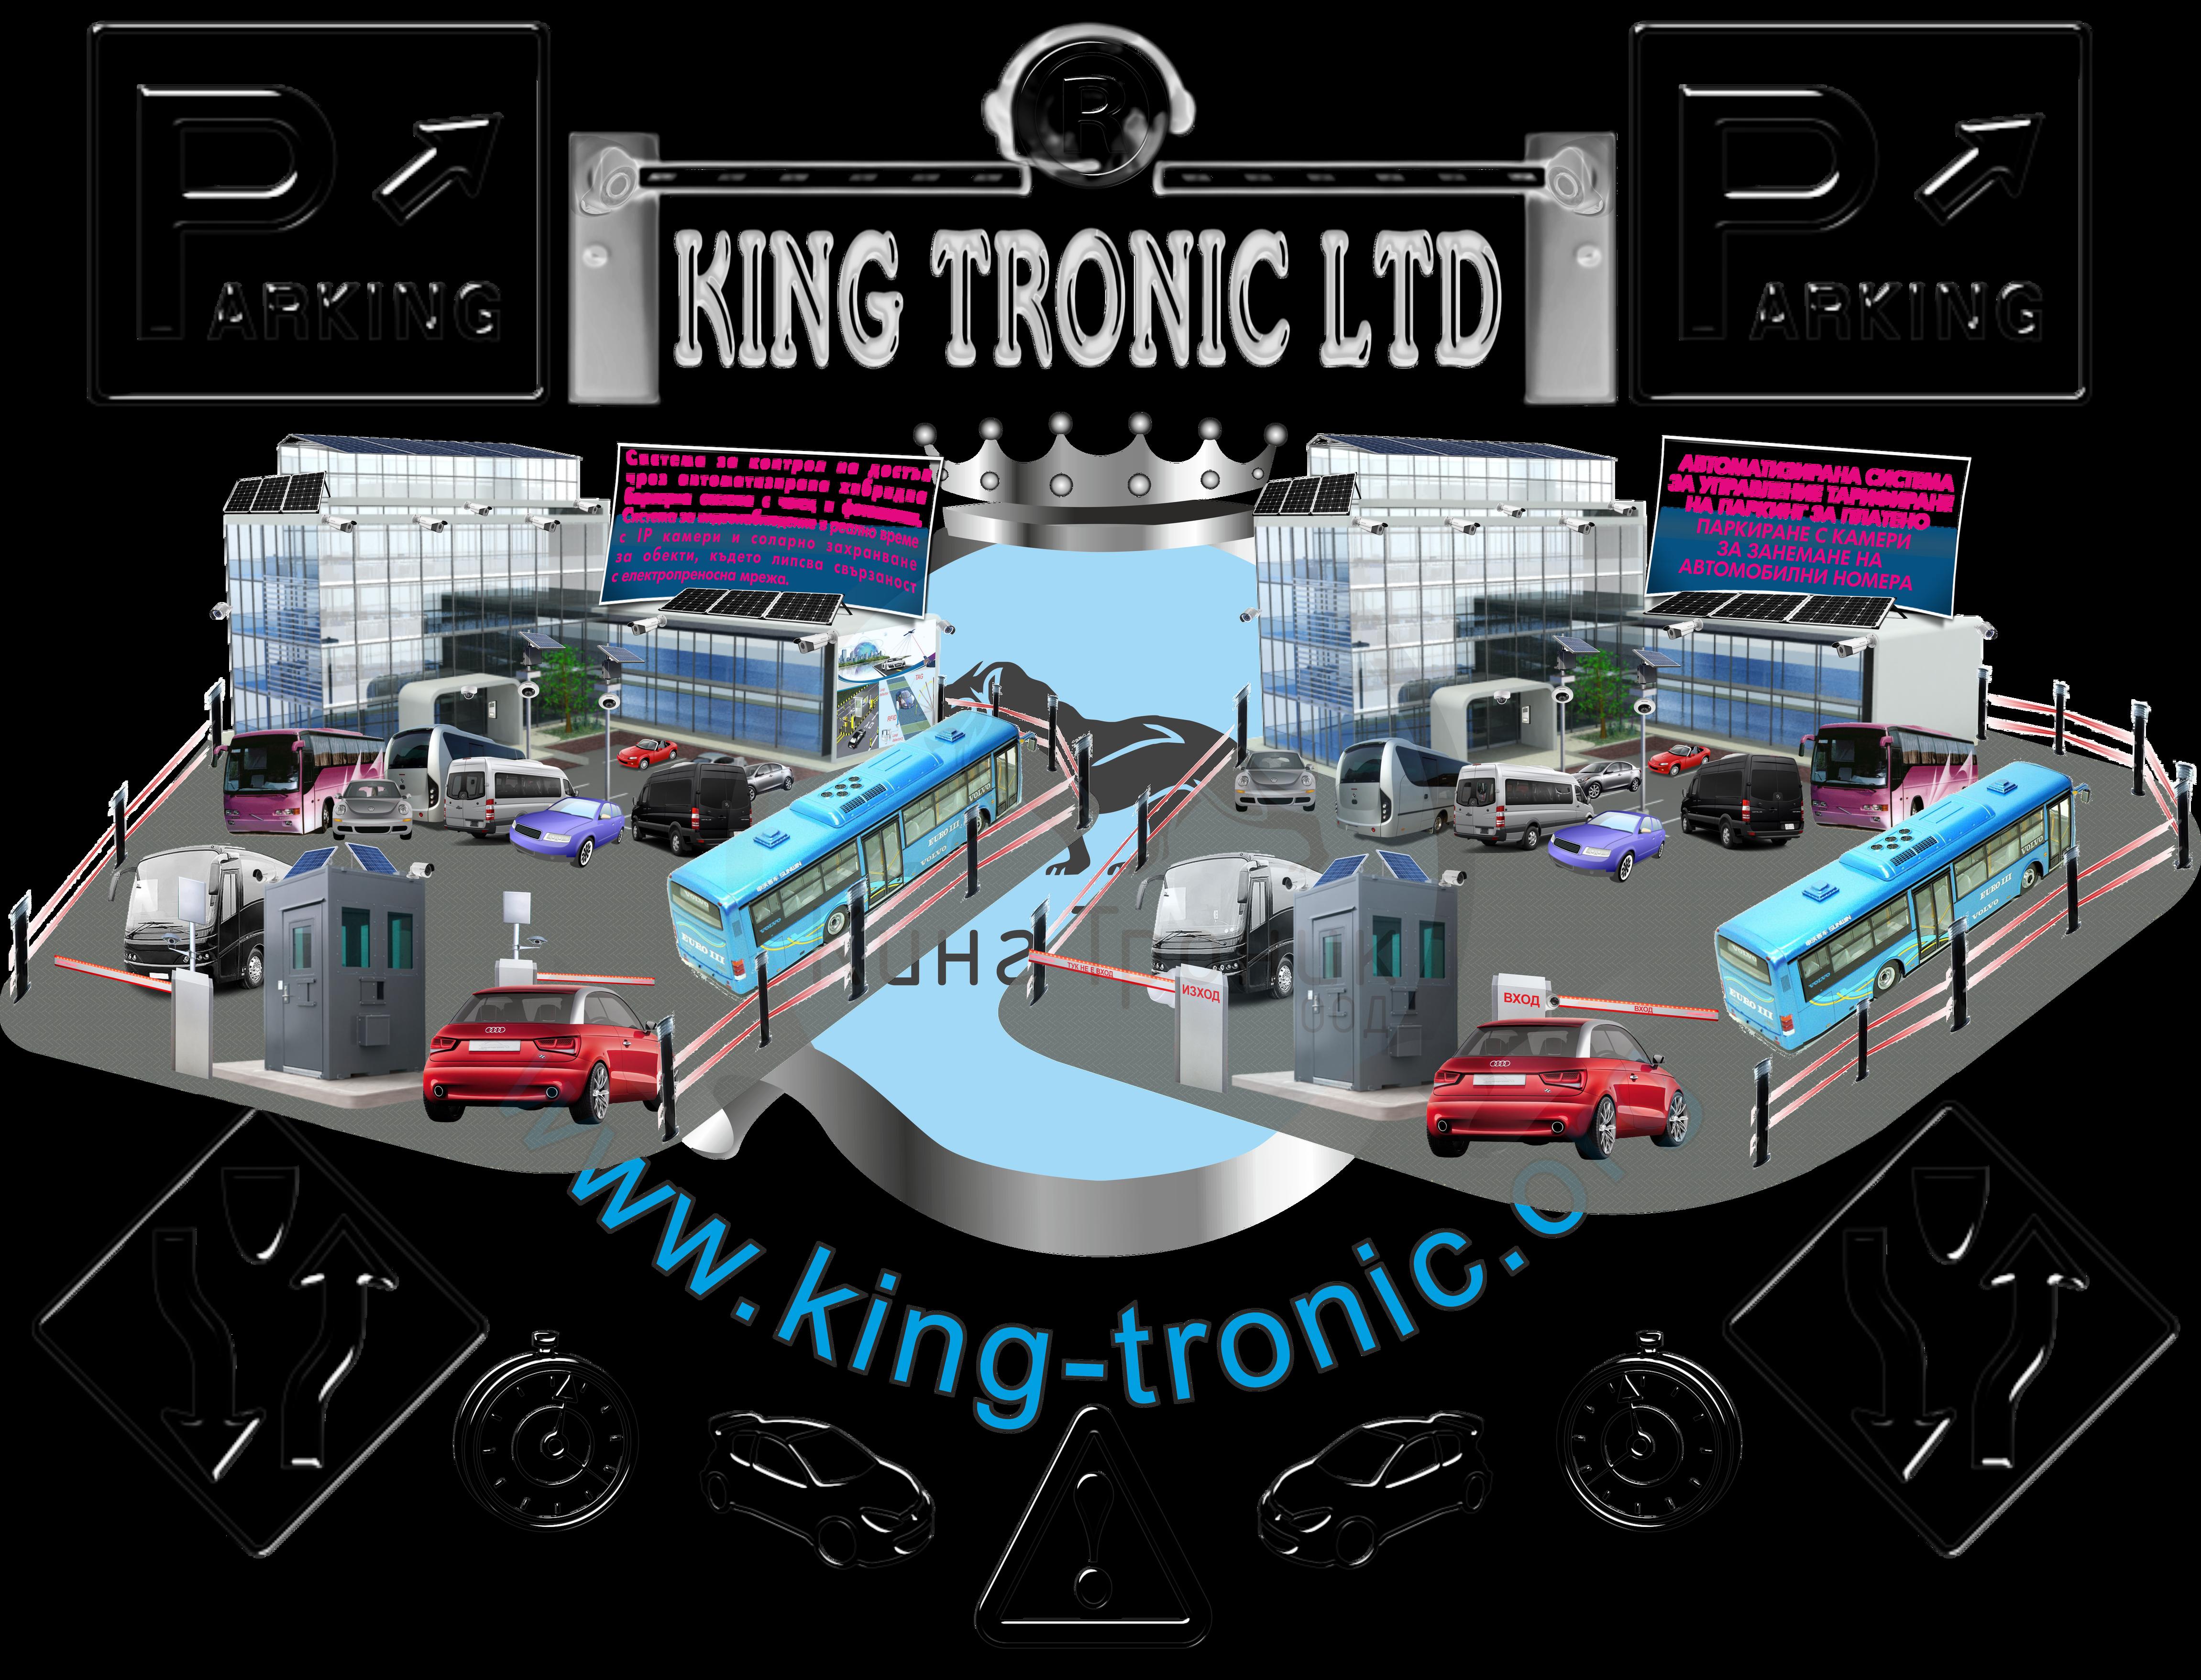 Екипа на Кинг Троник ООД разработва, изгражда, внедрява и поддържа системите за контрол на достъп в няколко направления, в зависимост от нуждите и изискванията на клиента и обекта, до който трябва да се ограничи достъпа на посетители или автомобили.